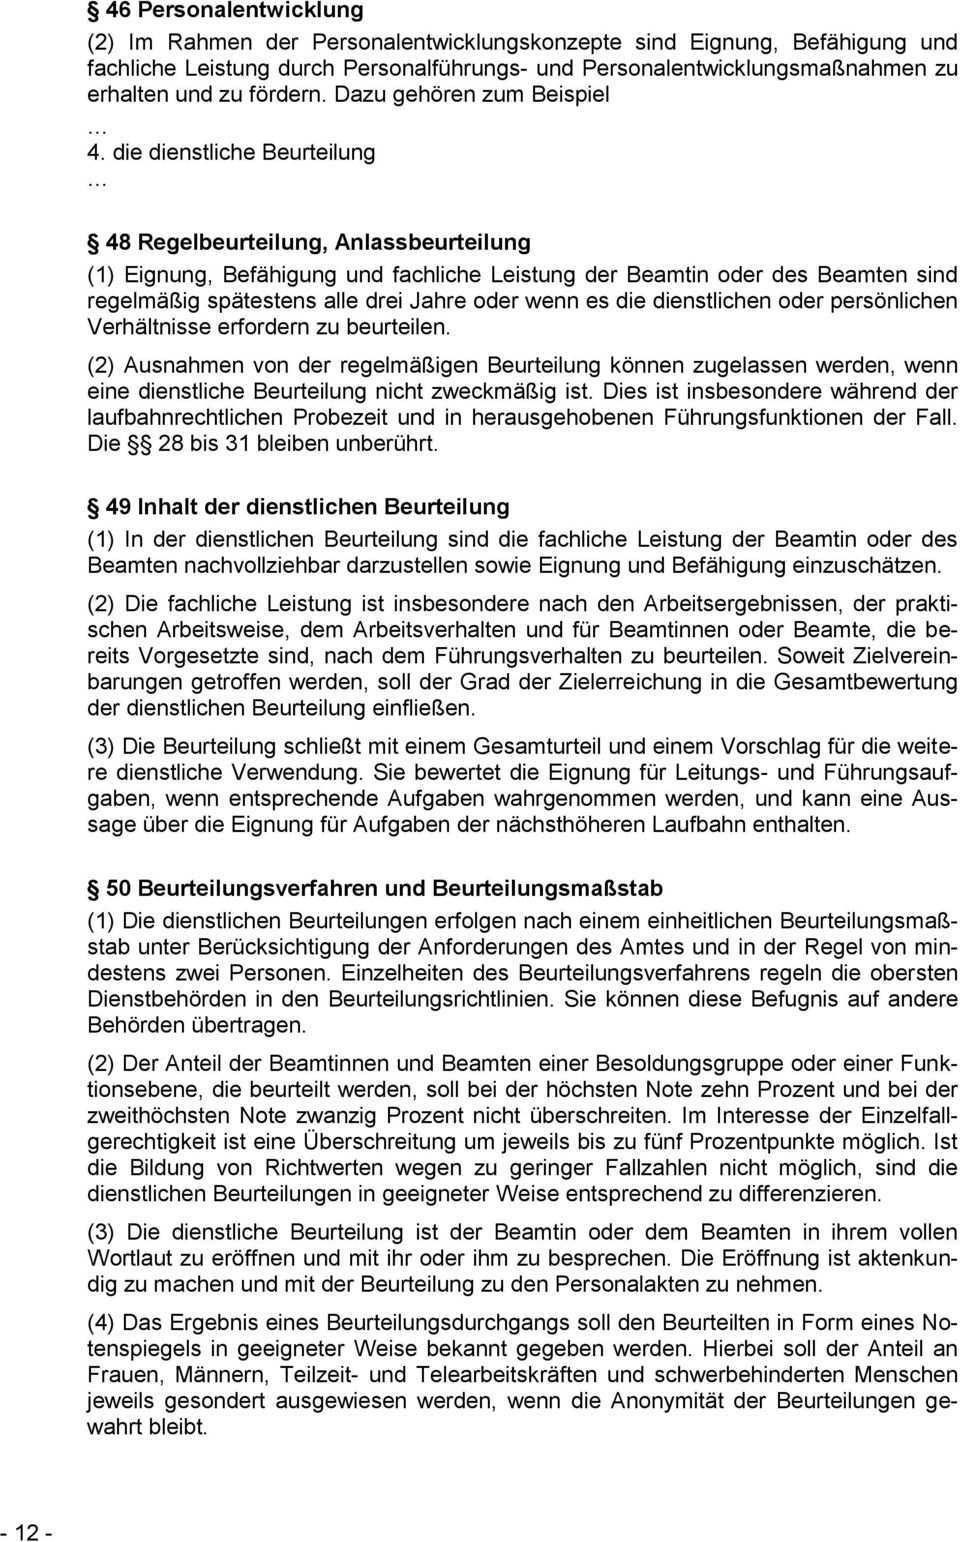 Dienstliche Beurteilung Und Beforderung Im Bereich Des Landesamtes Fur Steuern Rheinland Pfalz Pdf Free Download